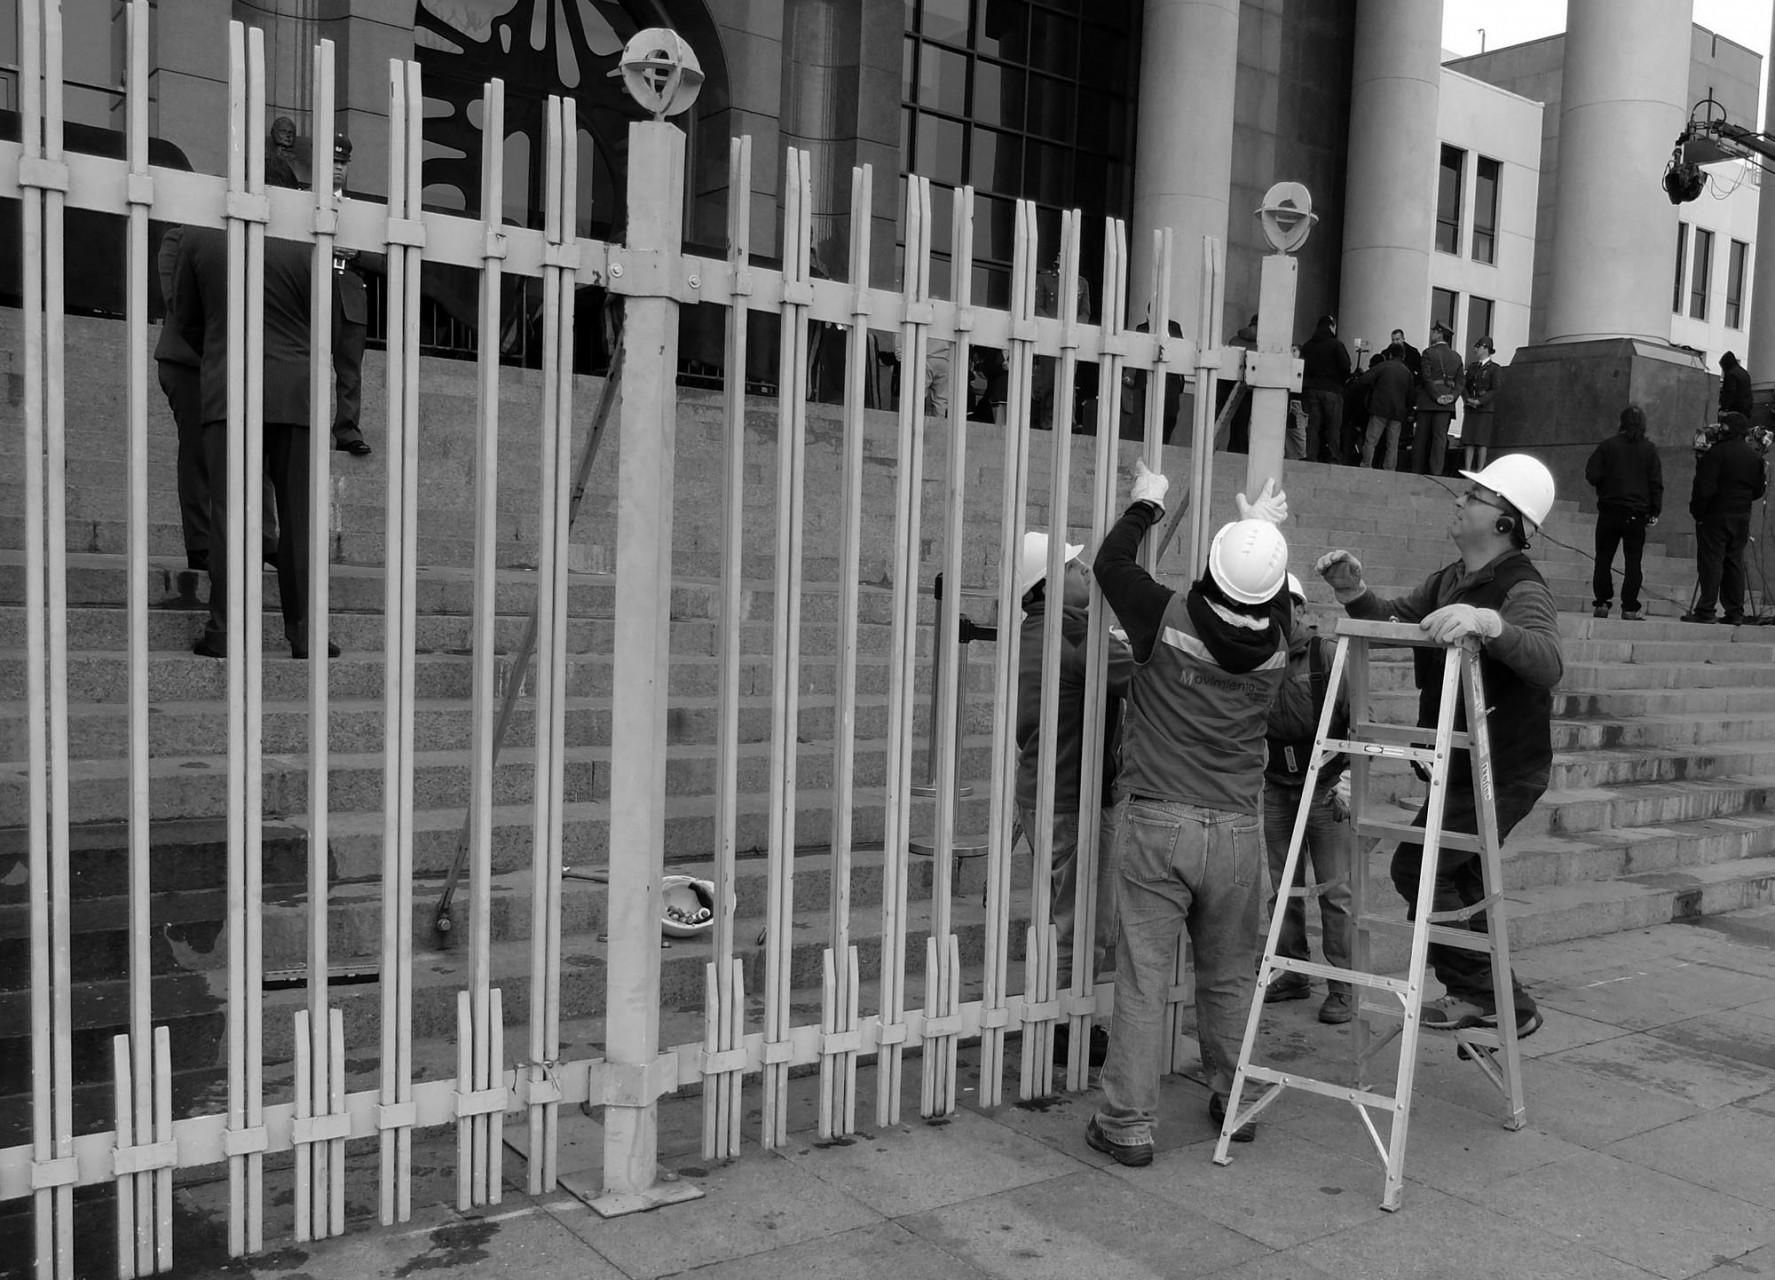 Termina la ceremonia en el Congreso y se instala nuevamente la reja que separa a los políticos de la calle.